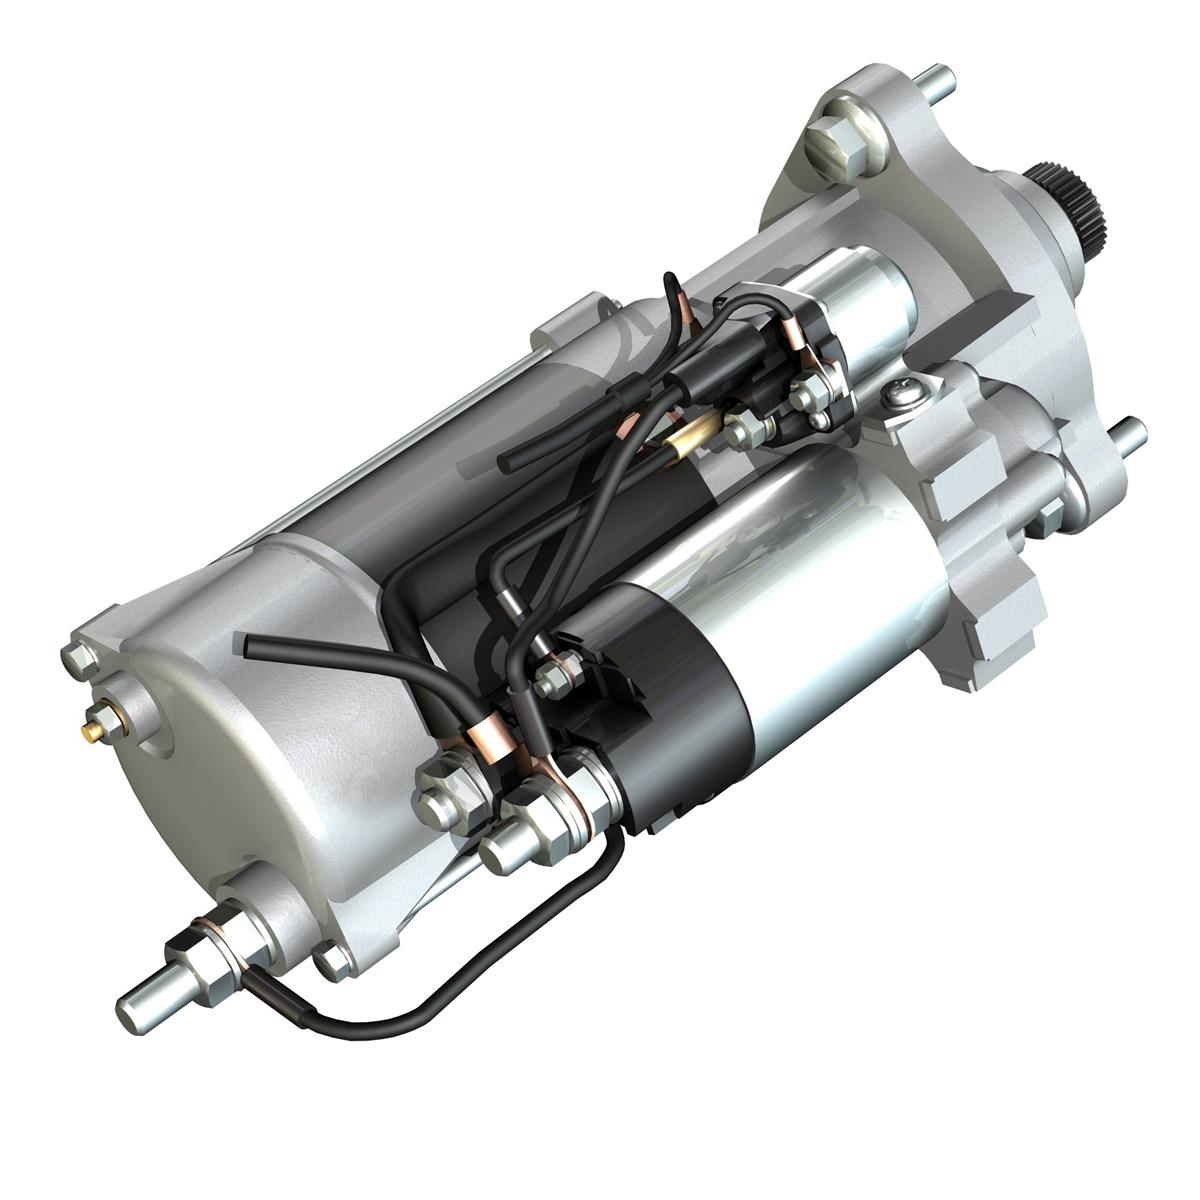 starter motor 02 3d model 3ds fbx c4d lwo obj 201926